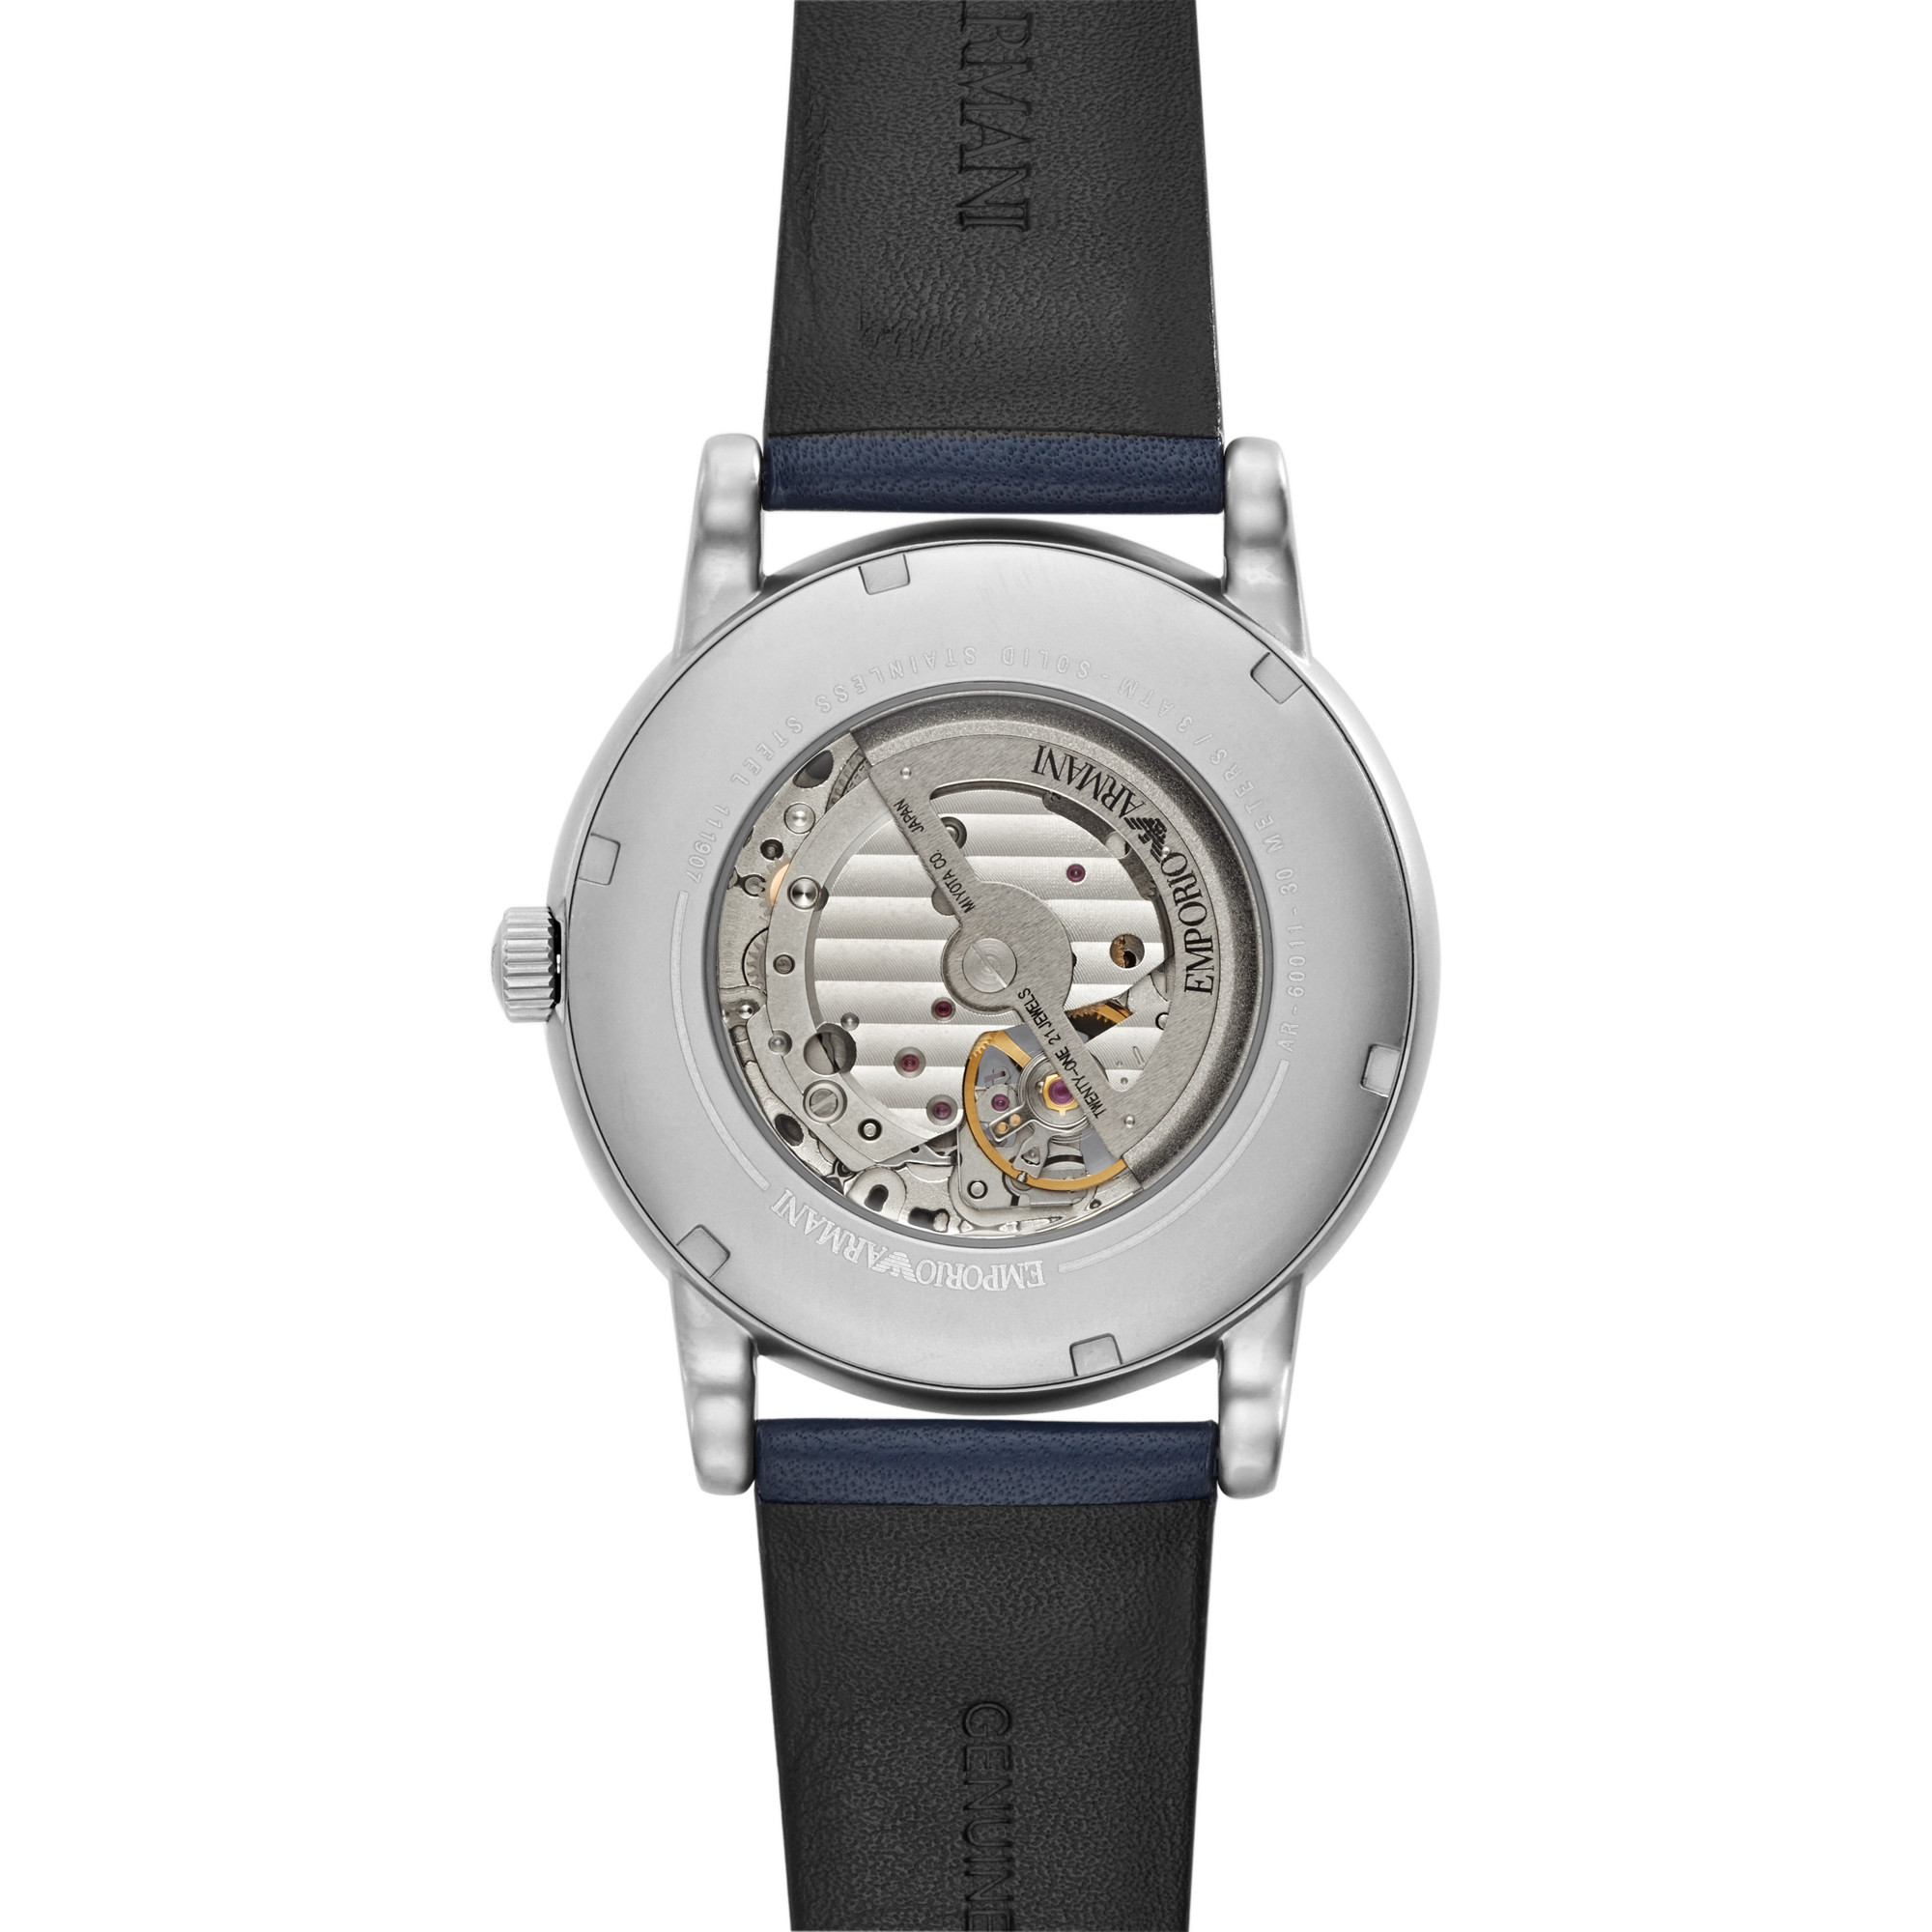 Armani阿玛尼手表男官方正品皮带手表时尚机械男士腕表潮AR60011